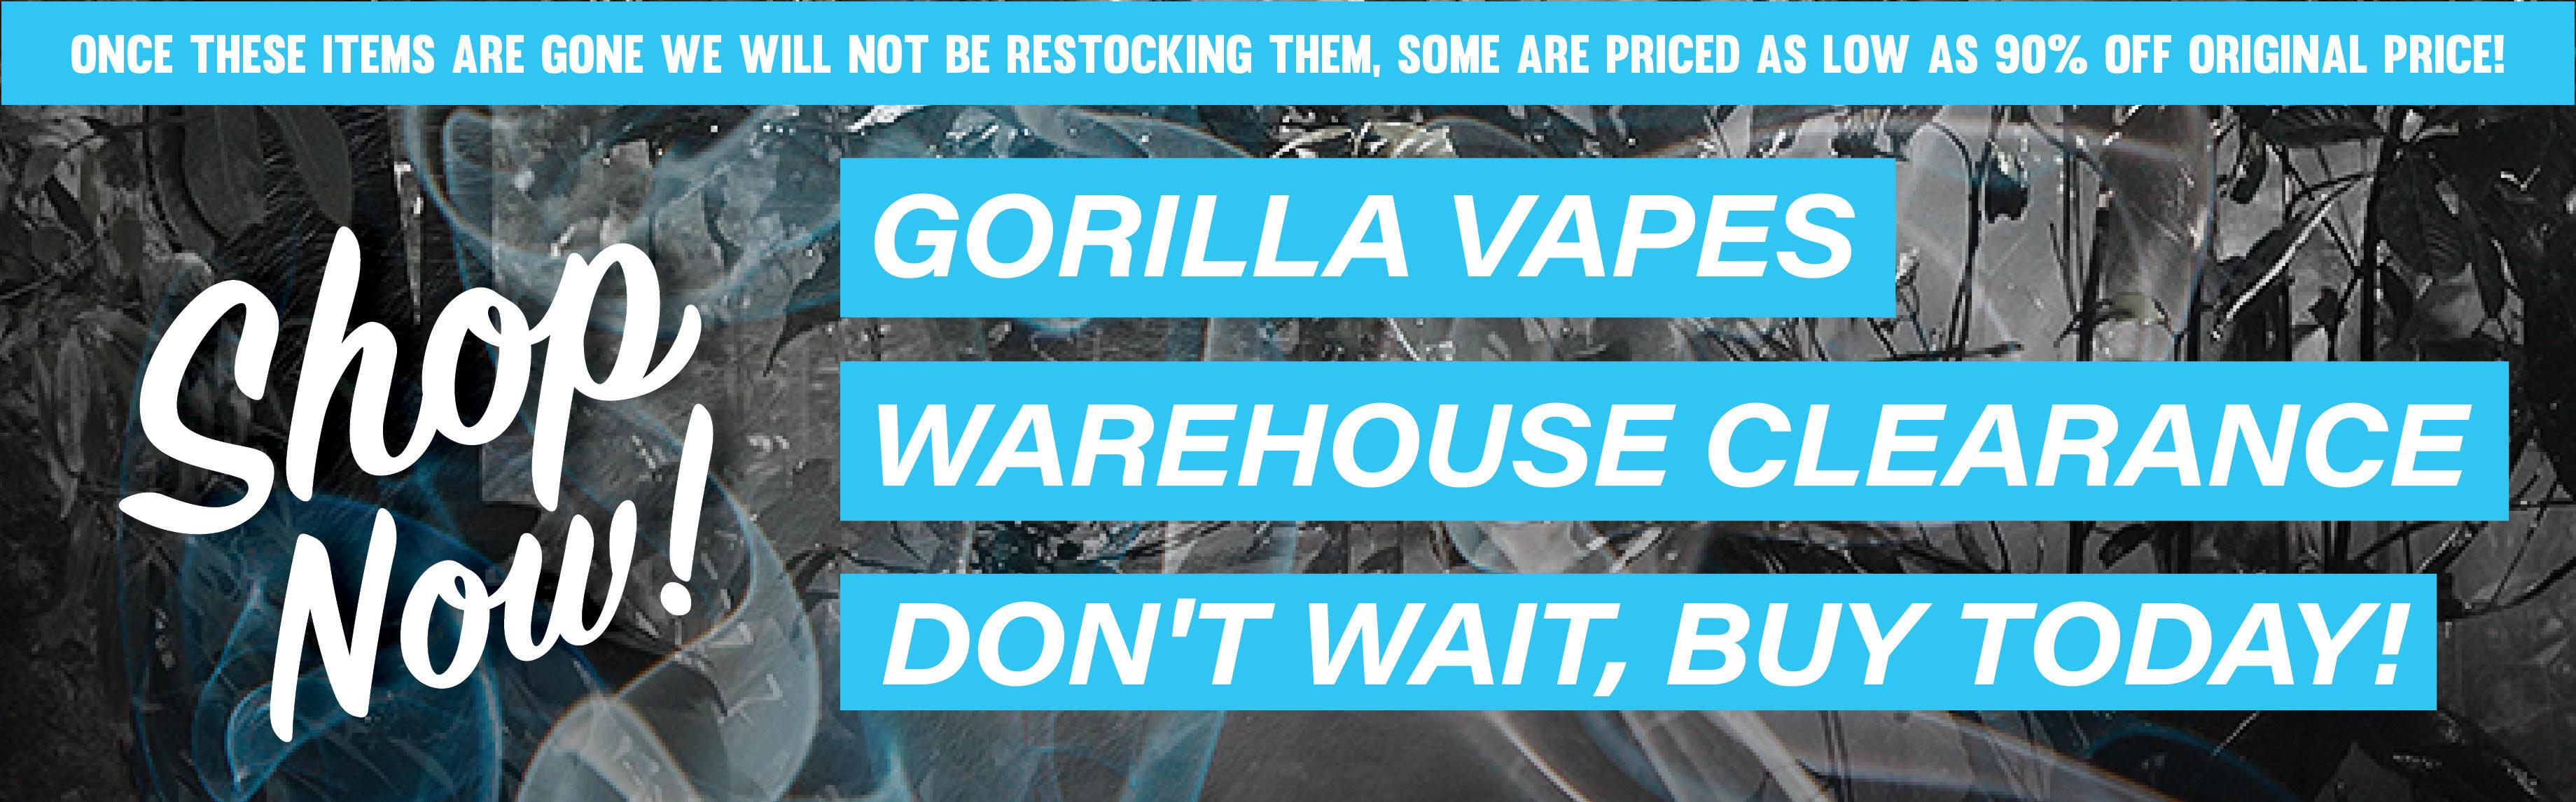 Gorilla Vapes | E-Cigarette | Vaping Products | E-Liquids